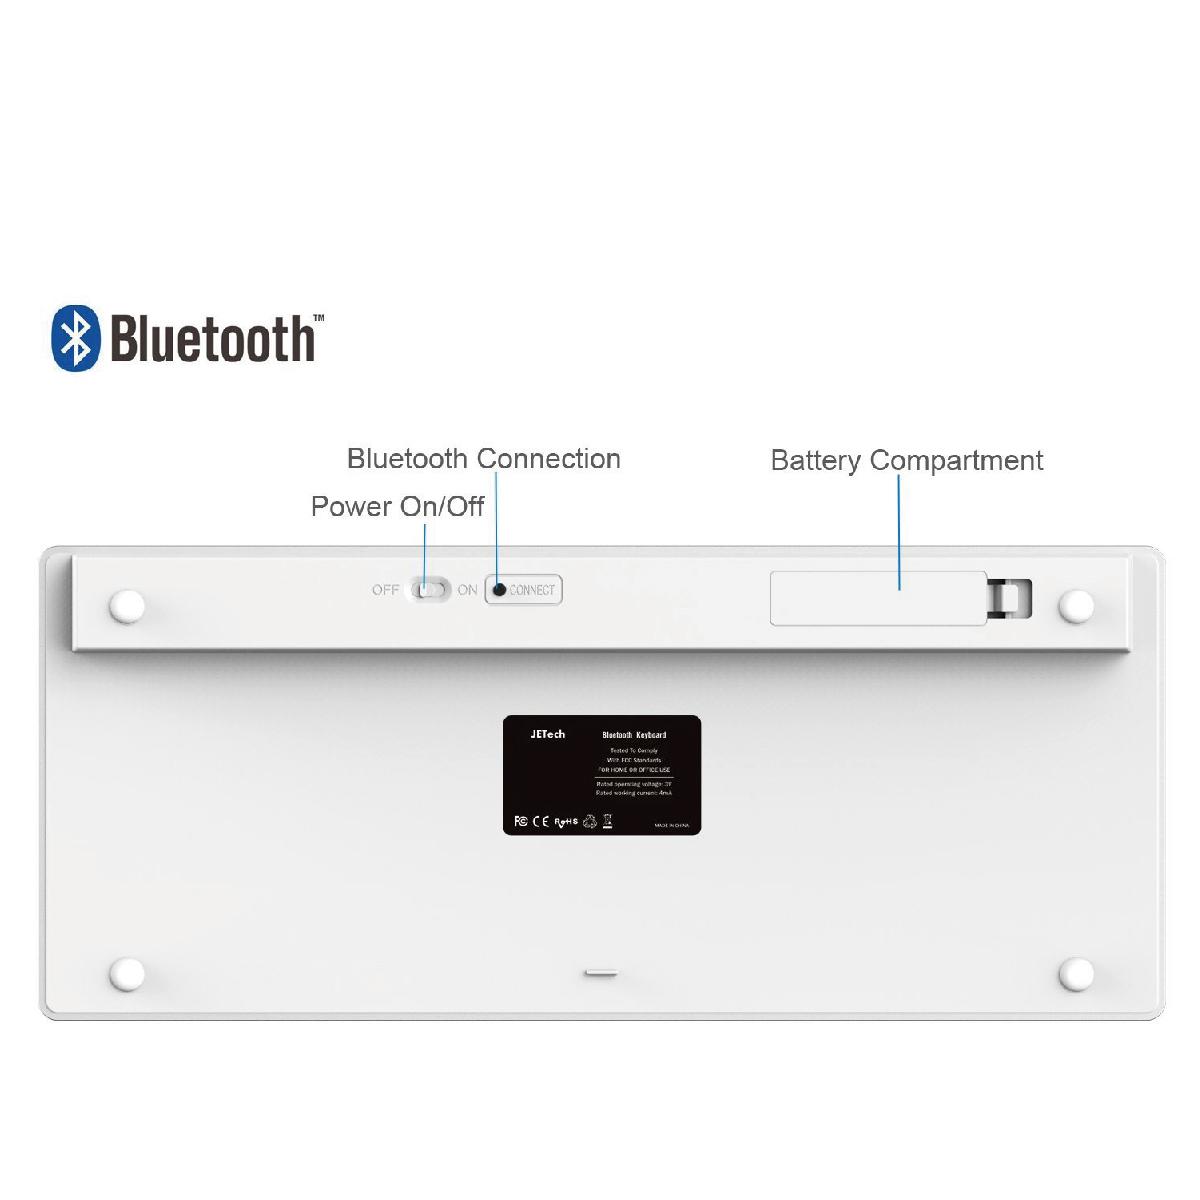 Bluetooth ワイヤレス キーボード スマートフォン・タブレット・iPhone・iPad・WindowsPC対応